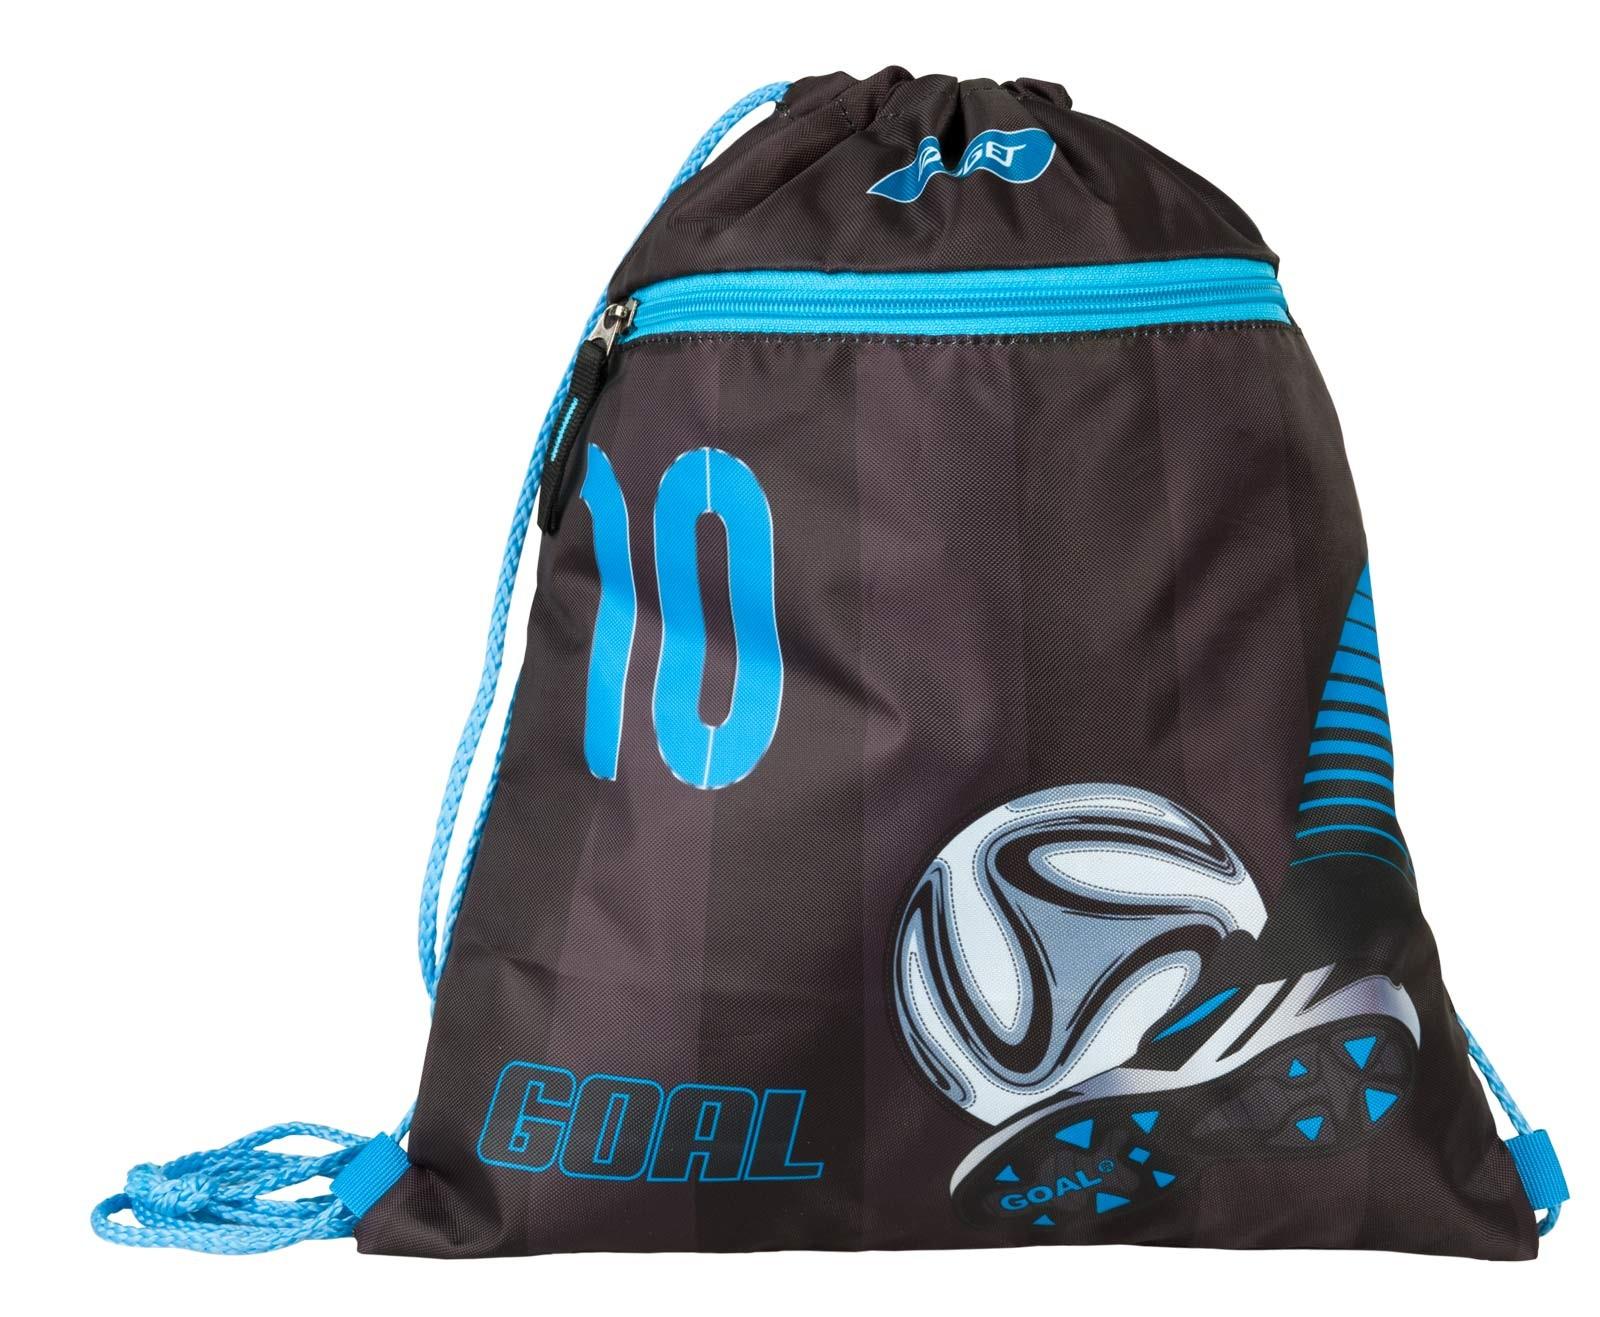 GYM BAG FOOTBALL BLUE 21825  2a8f4d3ce7902